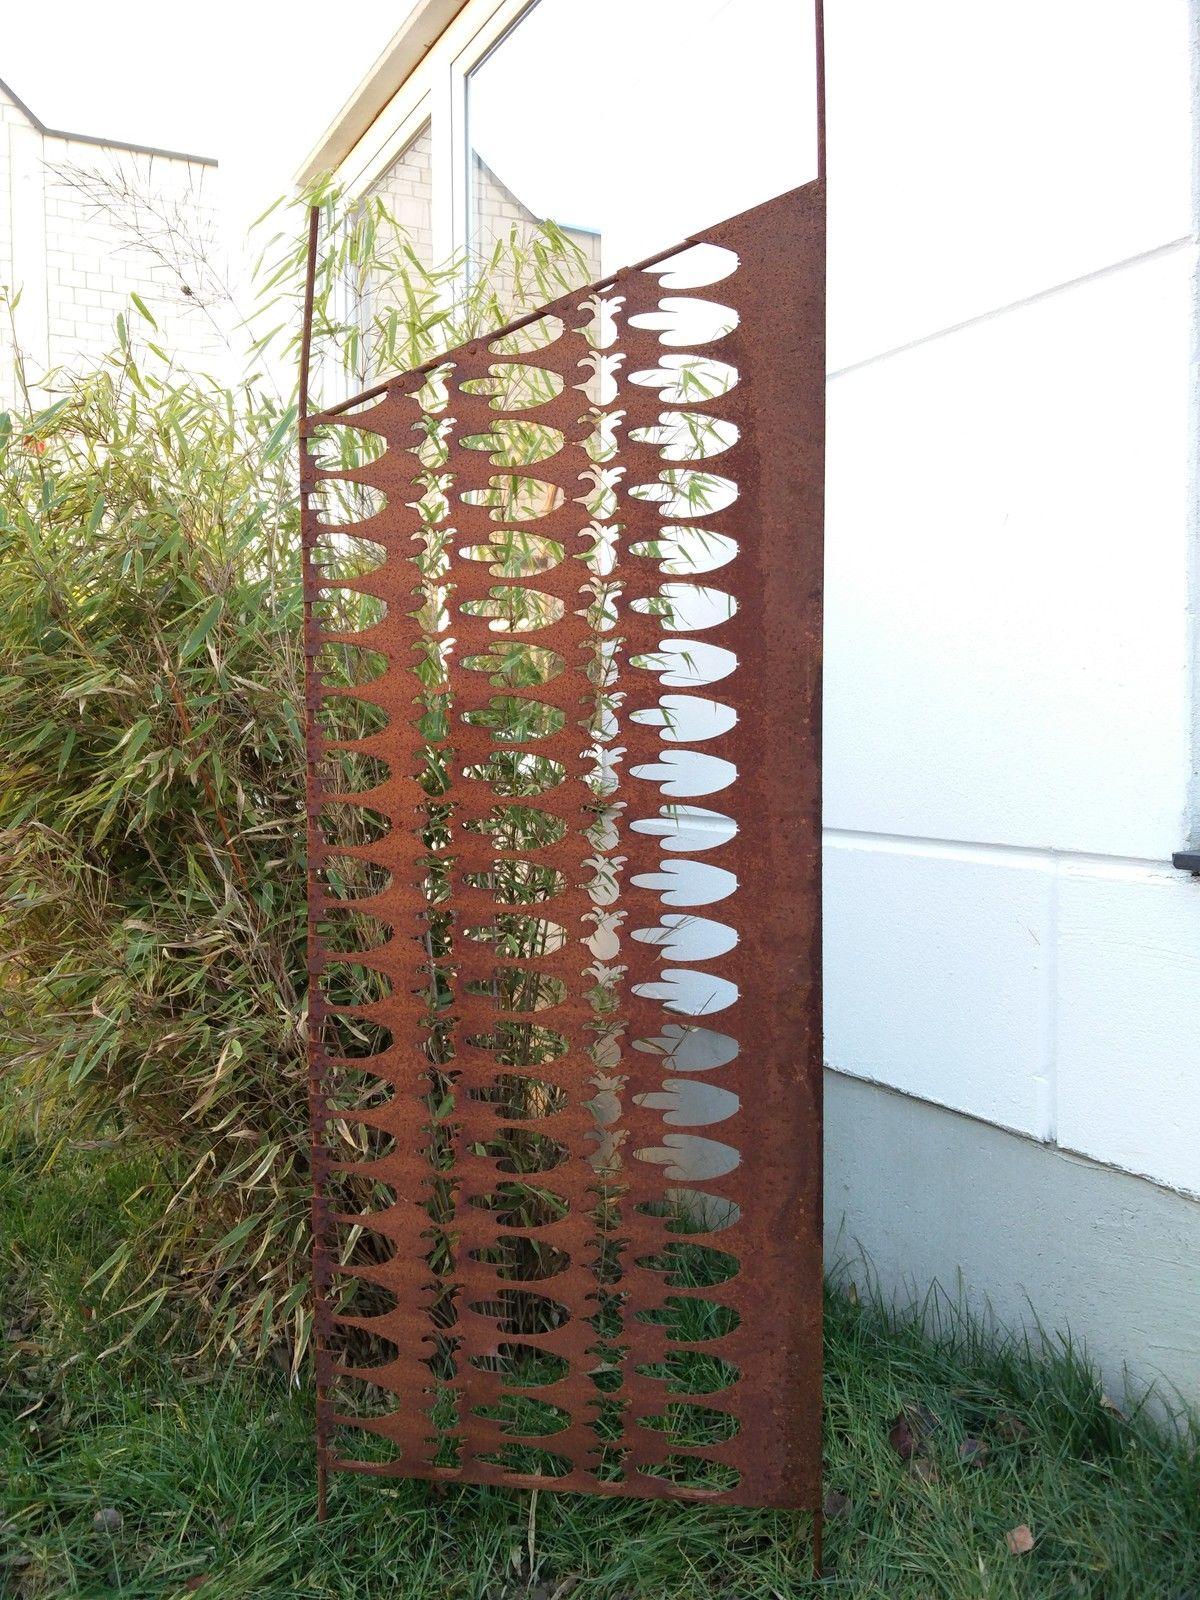 Full Size of Garten Relaxsessel Sichtschutz Holz Aufbewahrungsbox Für Bewässerungssysteme Test Trampolin Stapelstühle Lounge Sessel Skulpturen Bewässerung Sauna Garten Trennwände Garten